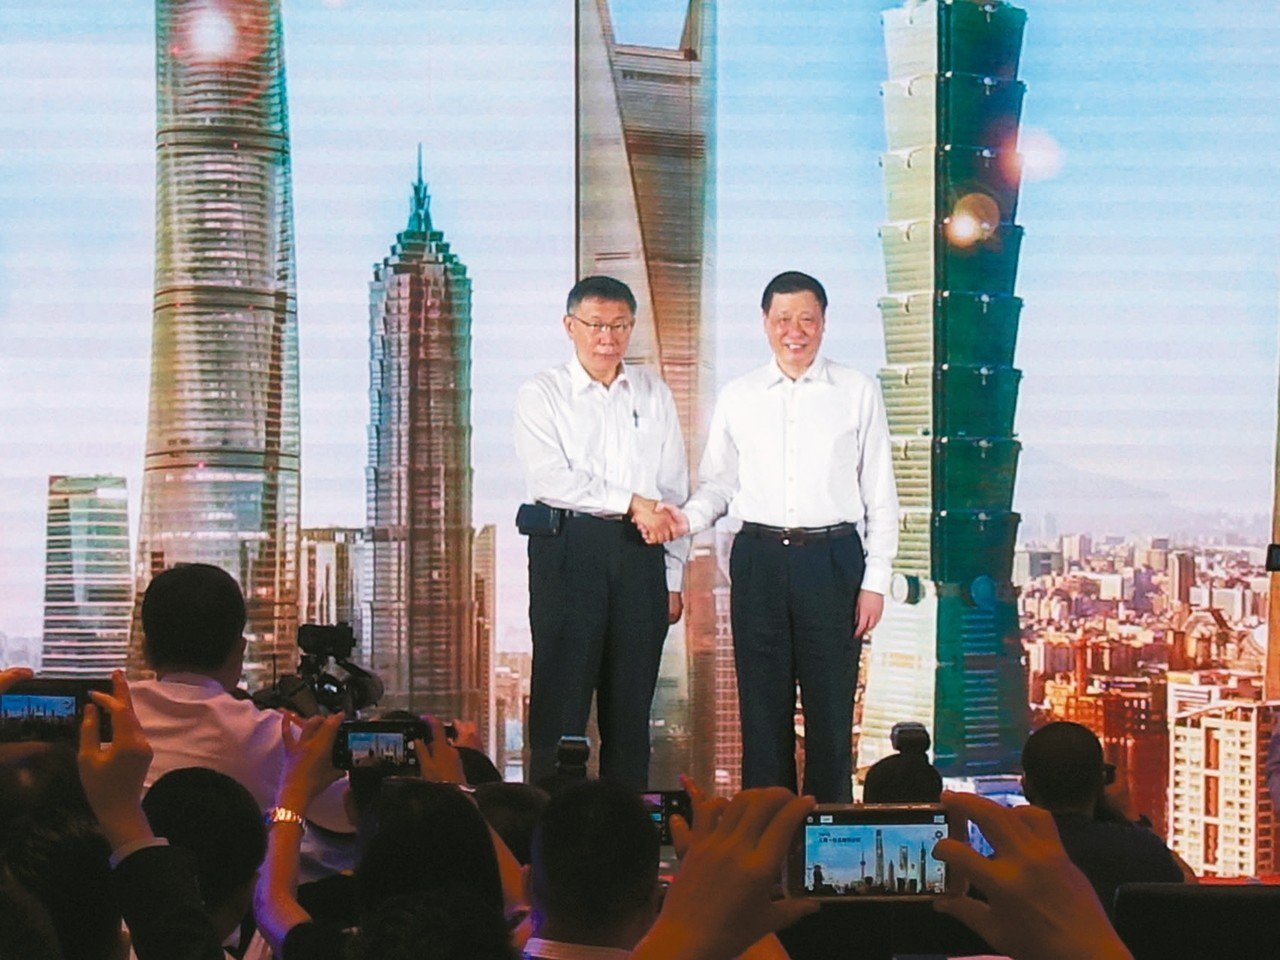 台北、上海雙城論壇今登場,台北市長柯文哲(左)、上海市長應勇兩人在致詞時不約而同...